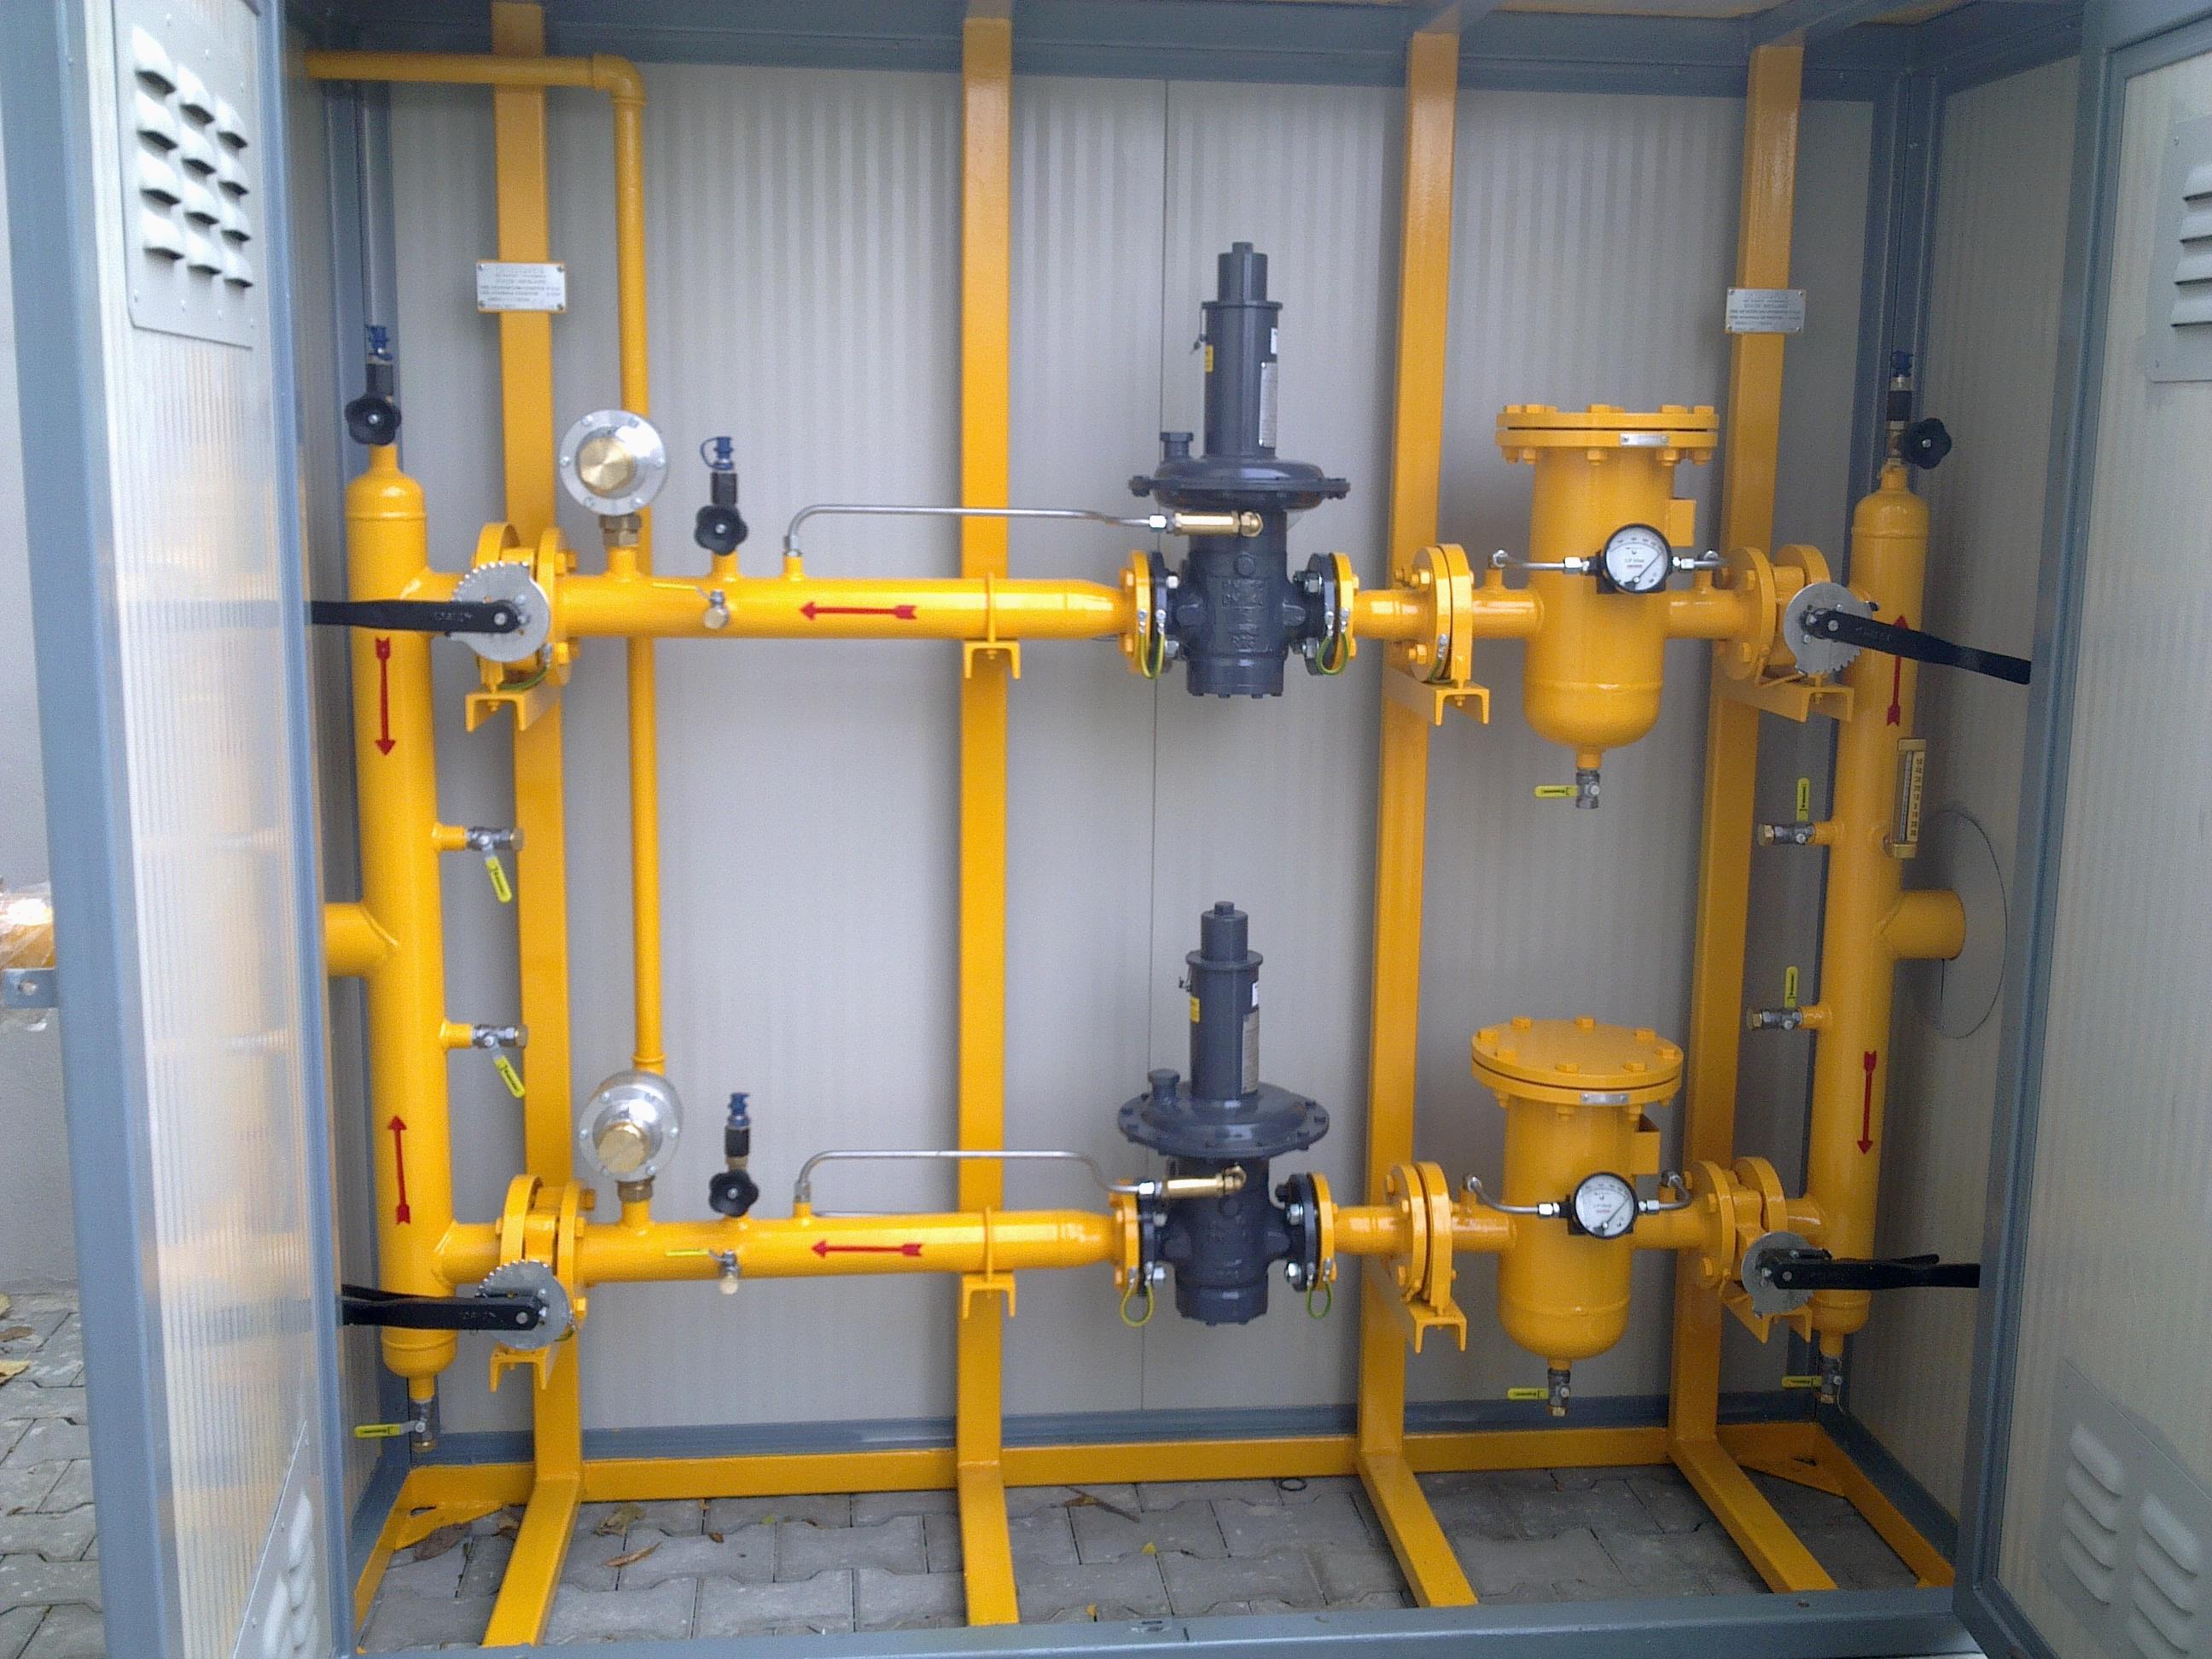 Instalator tehnico-sanitare şi de gaze - Germania